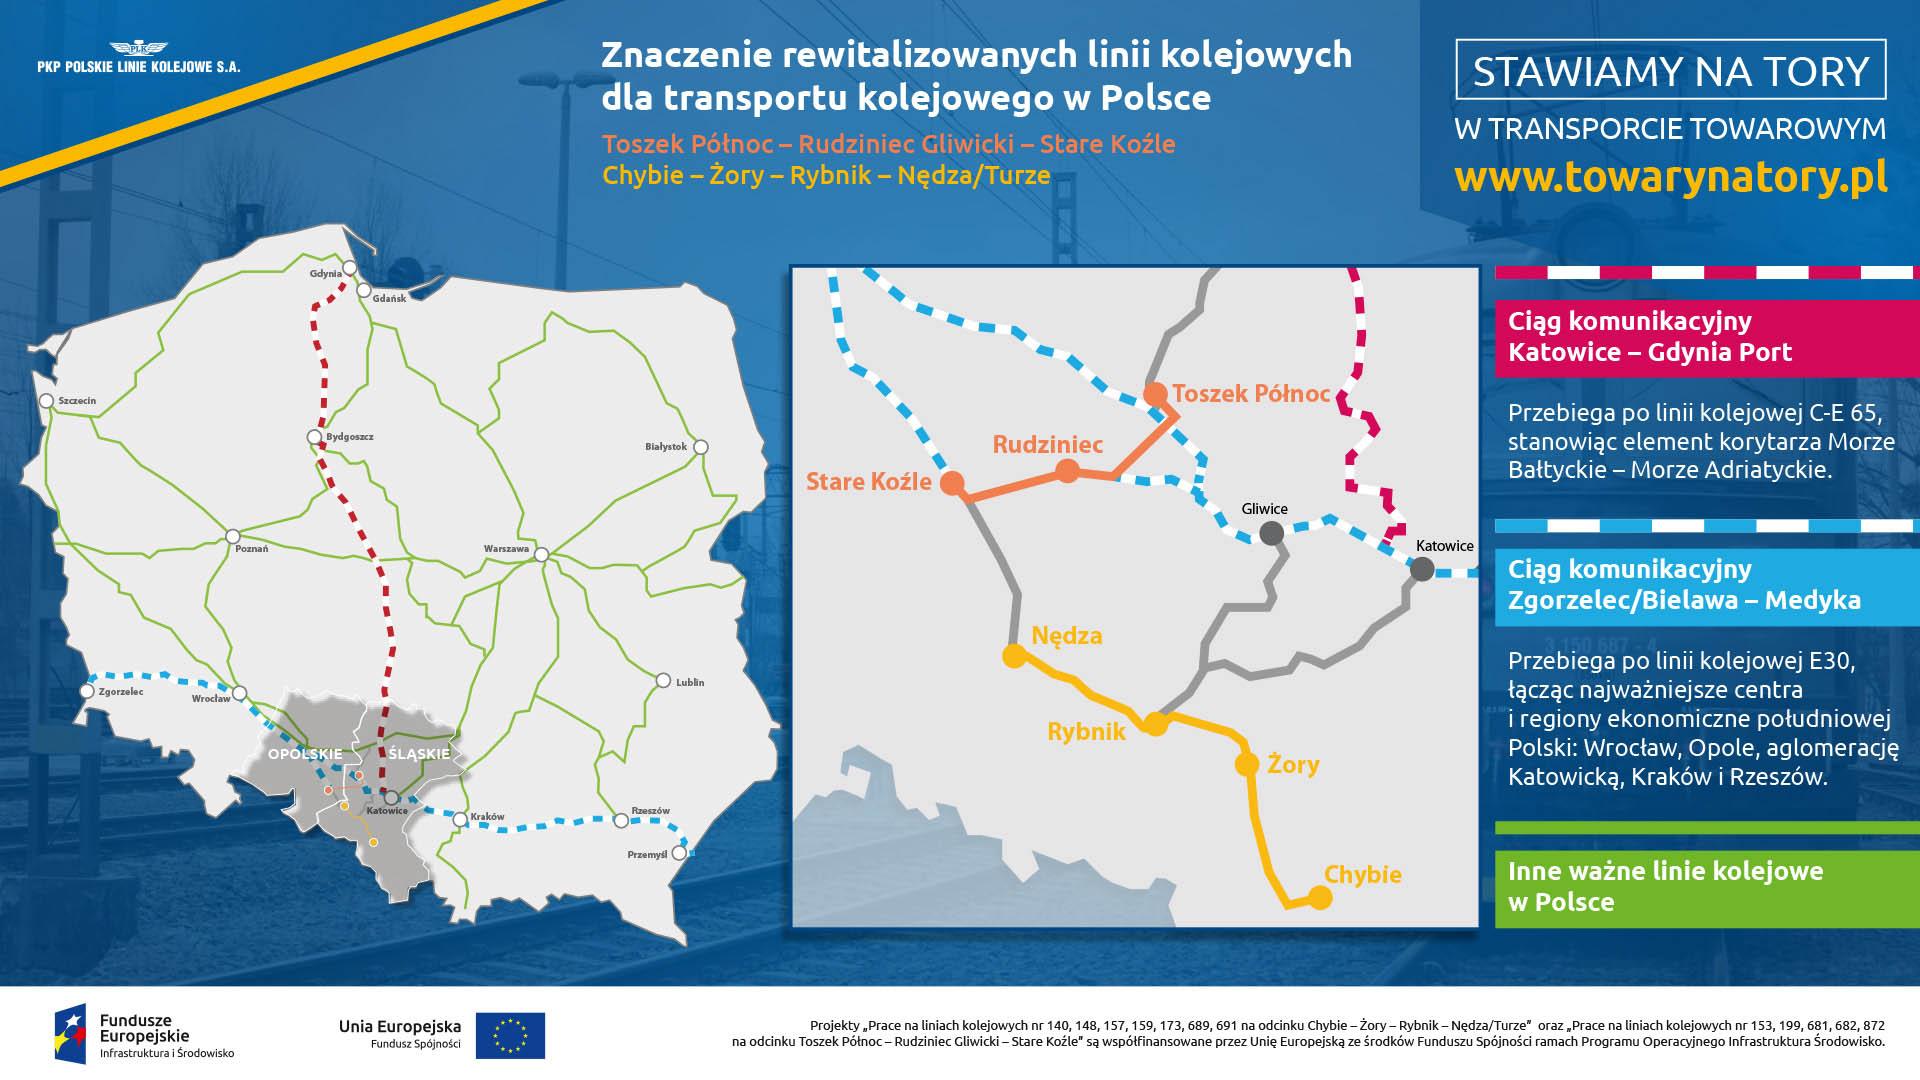 Infografika mówi o znaczeniu rewitalizowanych linii kolejowych dla transportu kolejowego towarów w Polsce. Pokazuje bliskość z dwoma ważnymi ciągami komunikacyjnymi: Katowice - Gdynia Port i Zgorzelec Bielawa - Medyka.